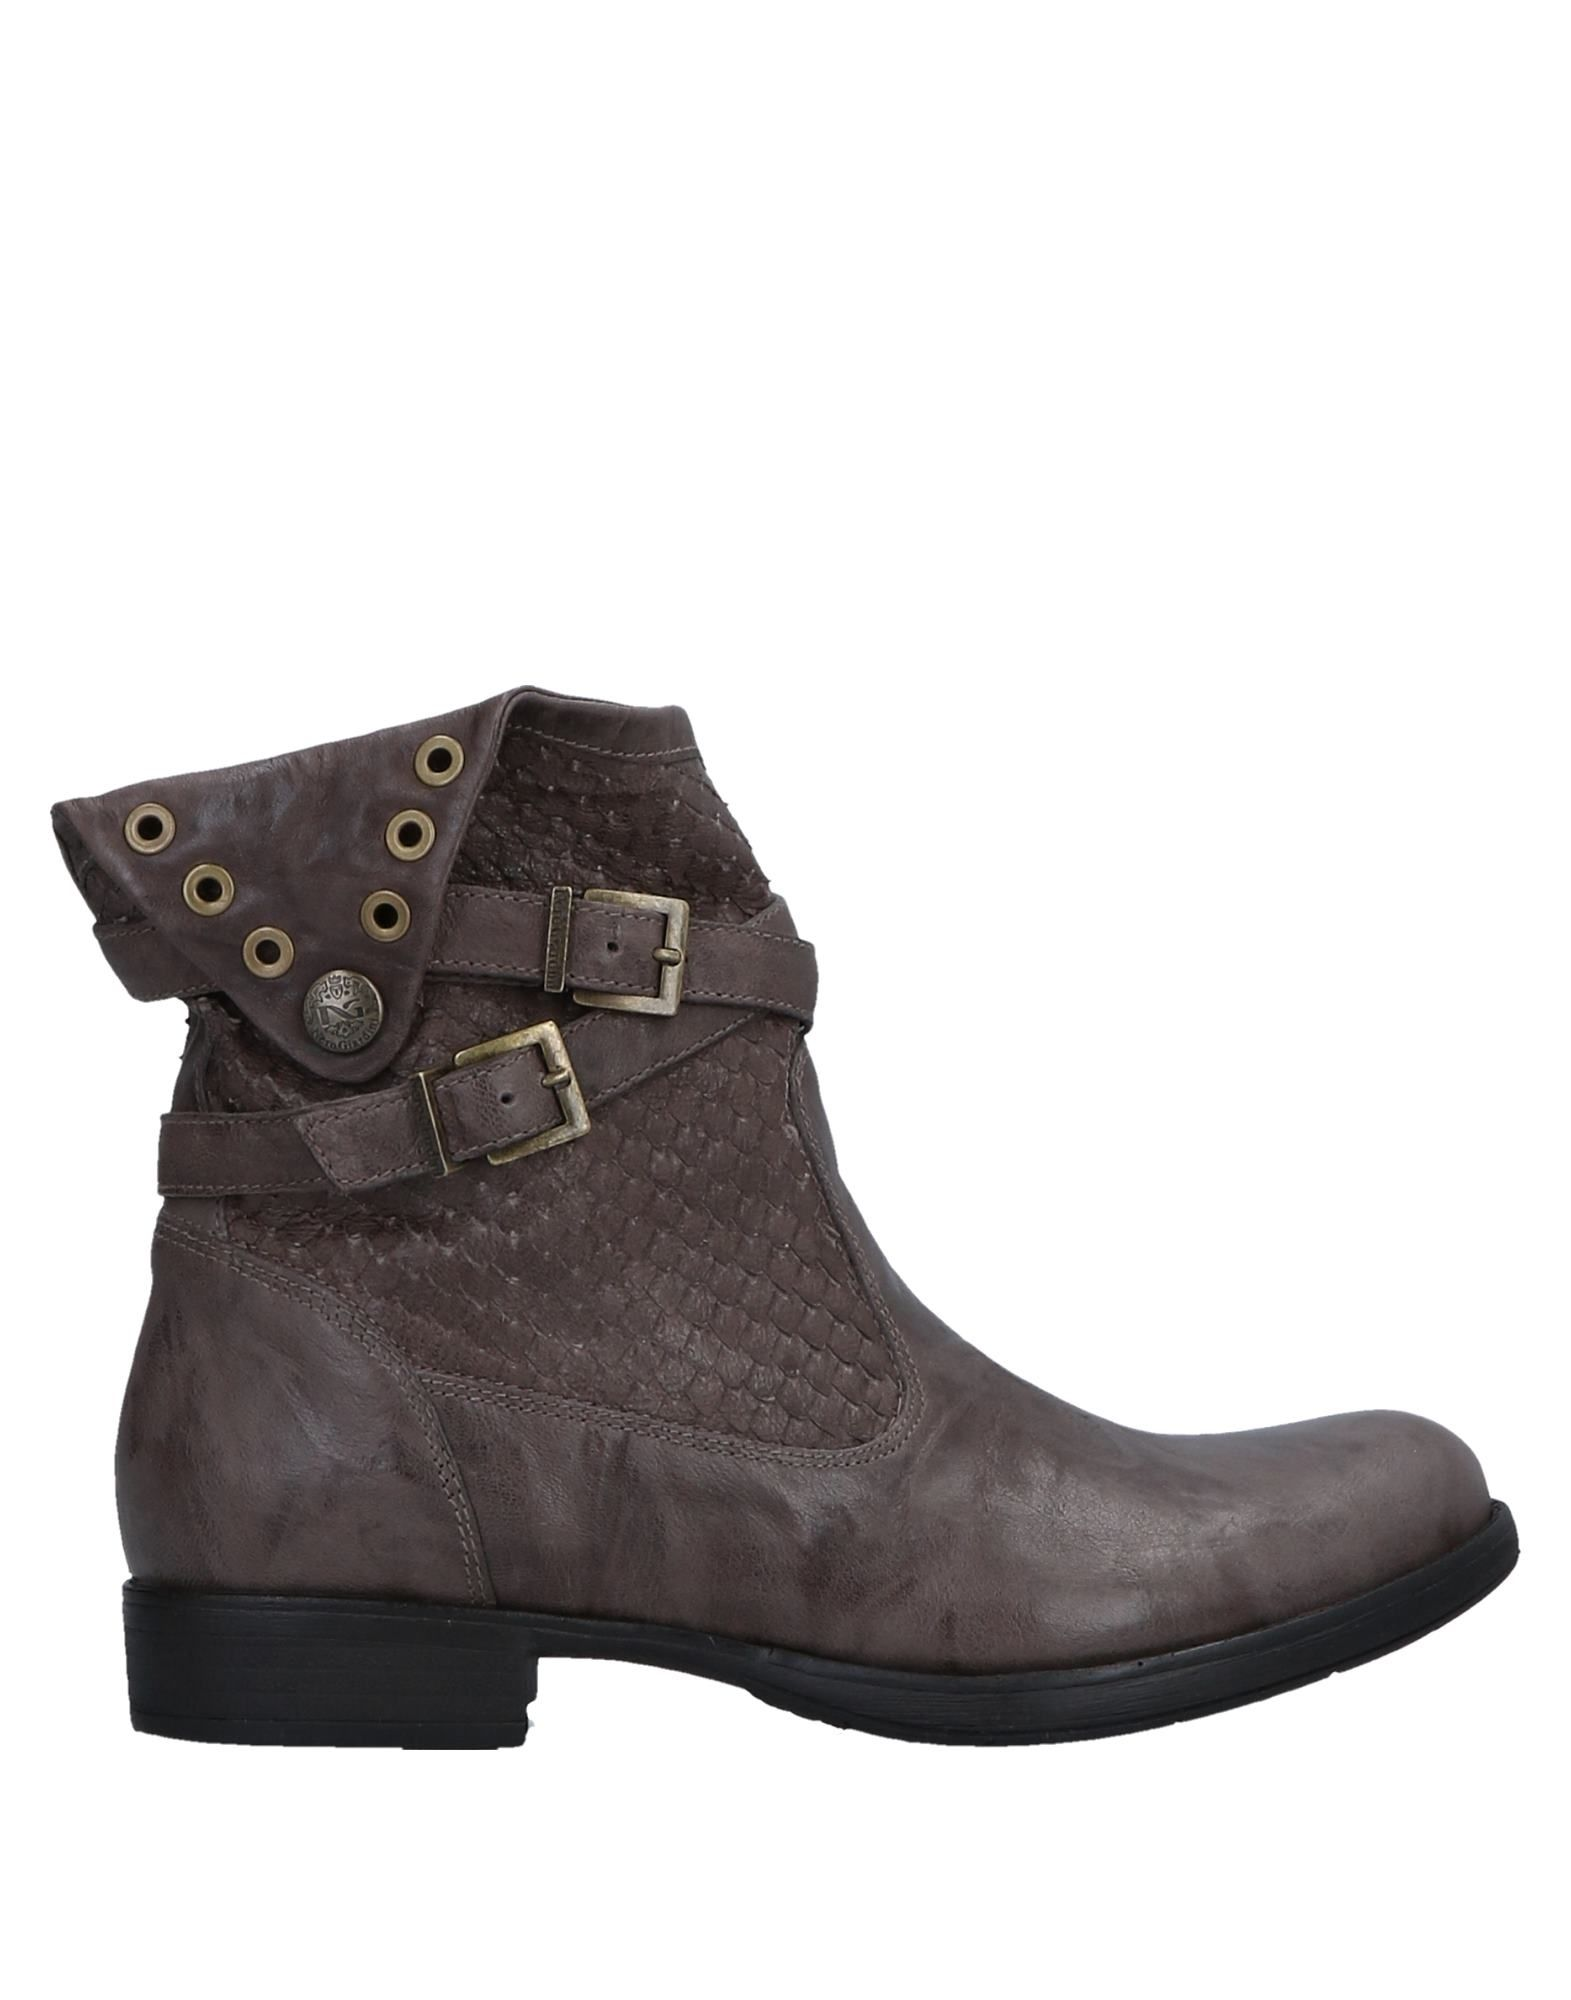 Nero Giardini Stiefelette Damen  Schuhe 11531447IG Gute Qualität beliebte Schuhe  1518f8